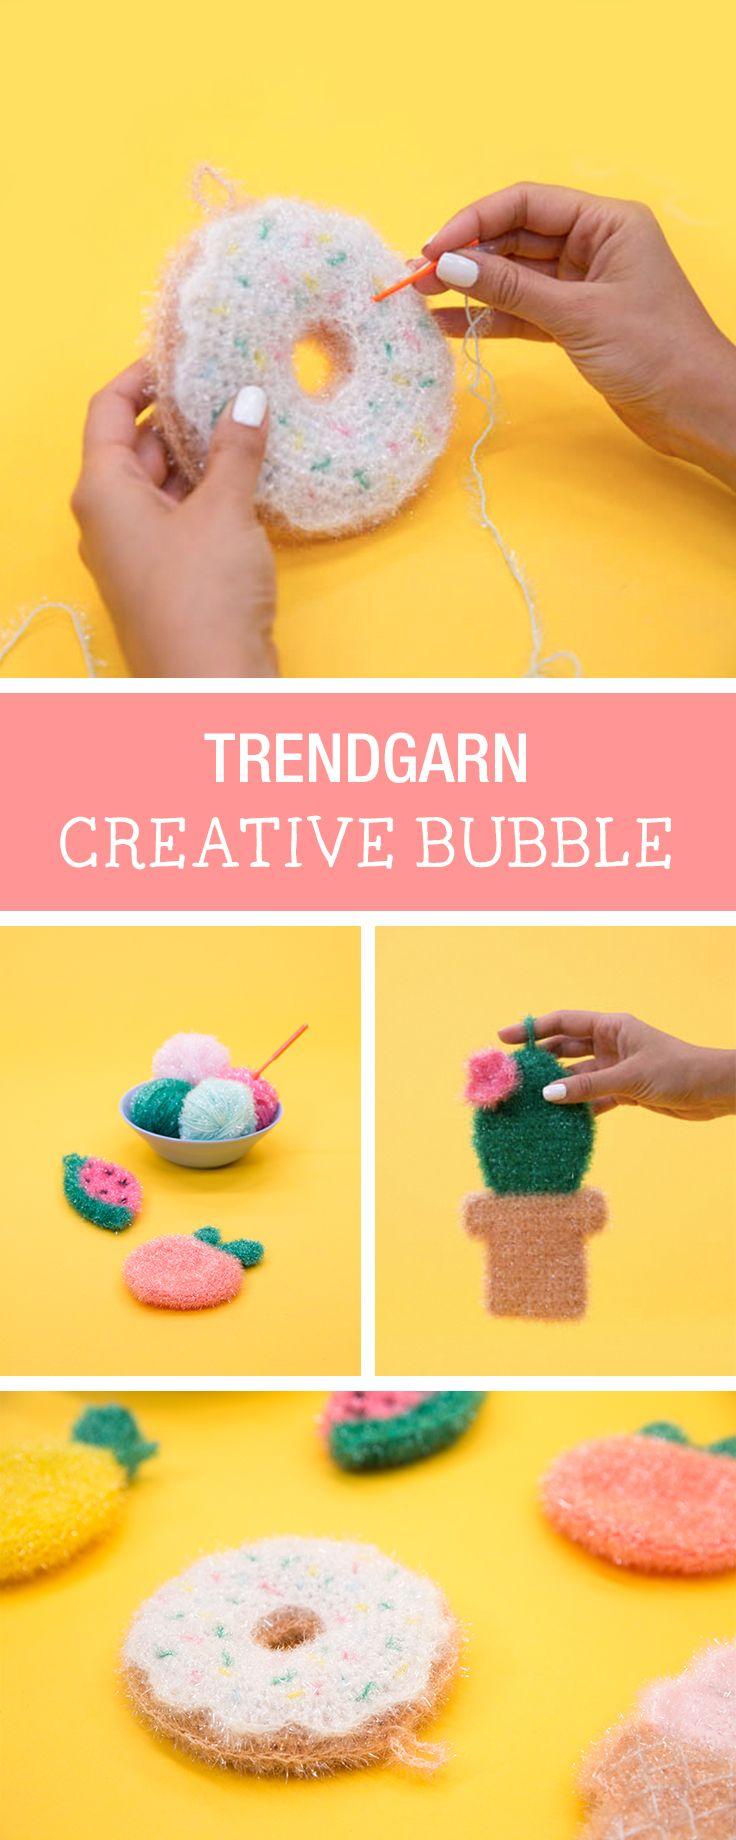 Häkelinspiration Schwämme Häkeln Mit Dem Creative Bubble Garn Von